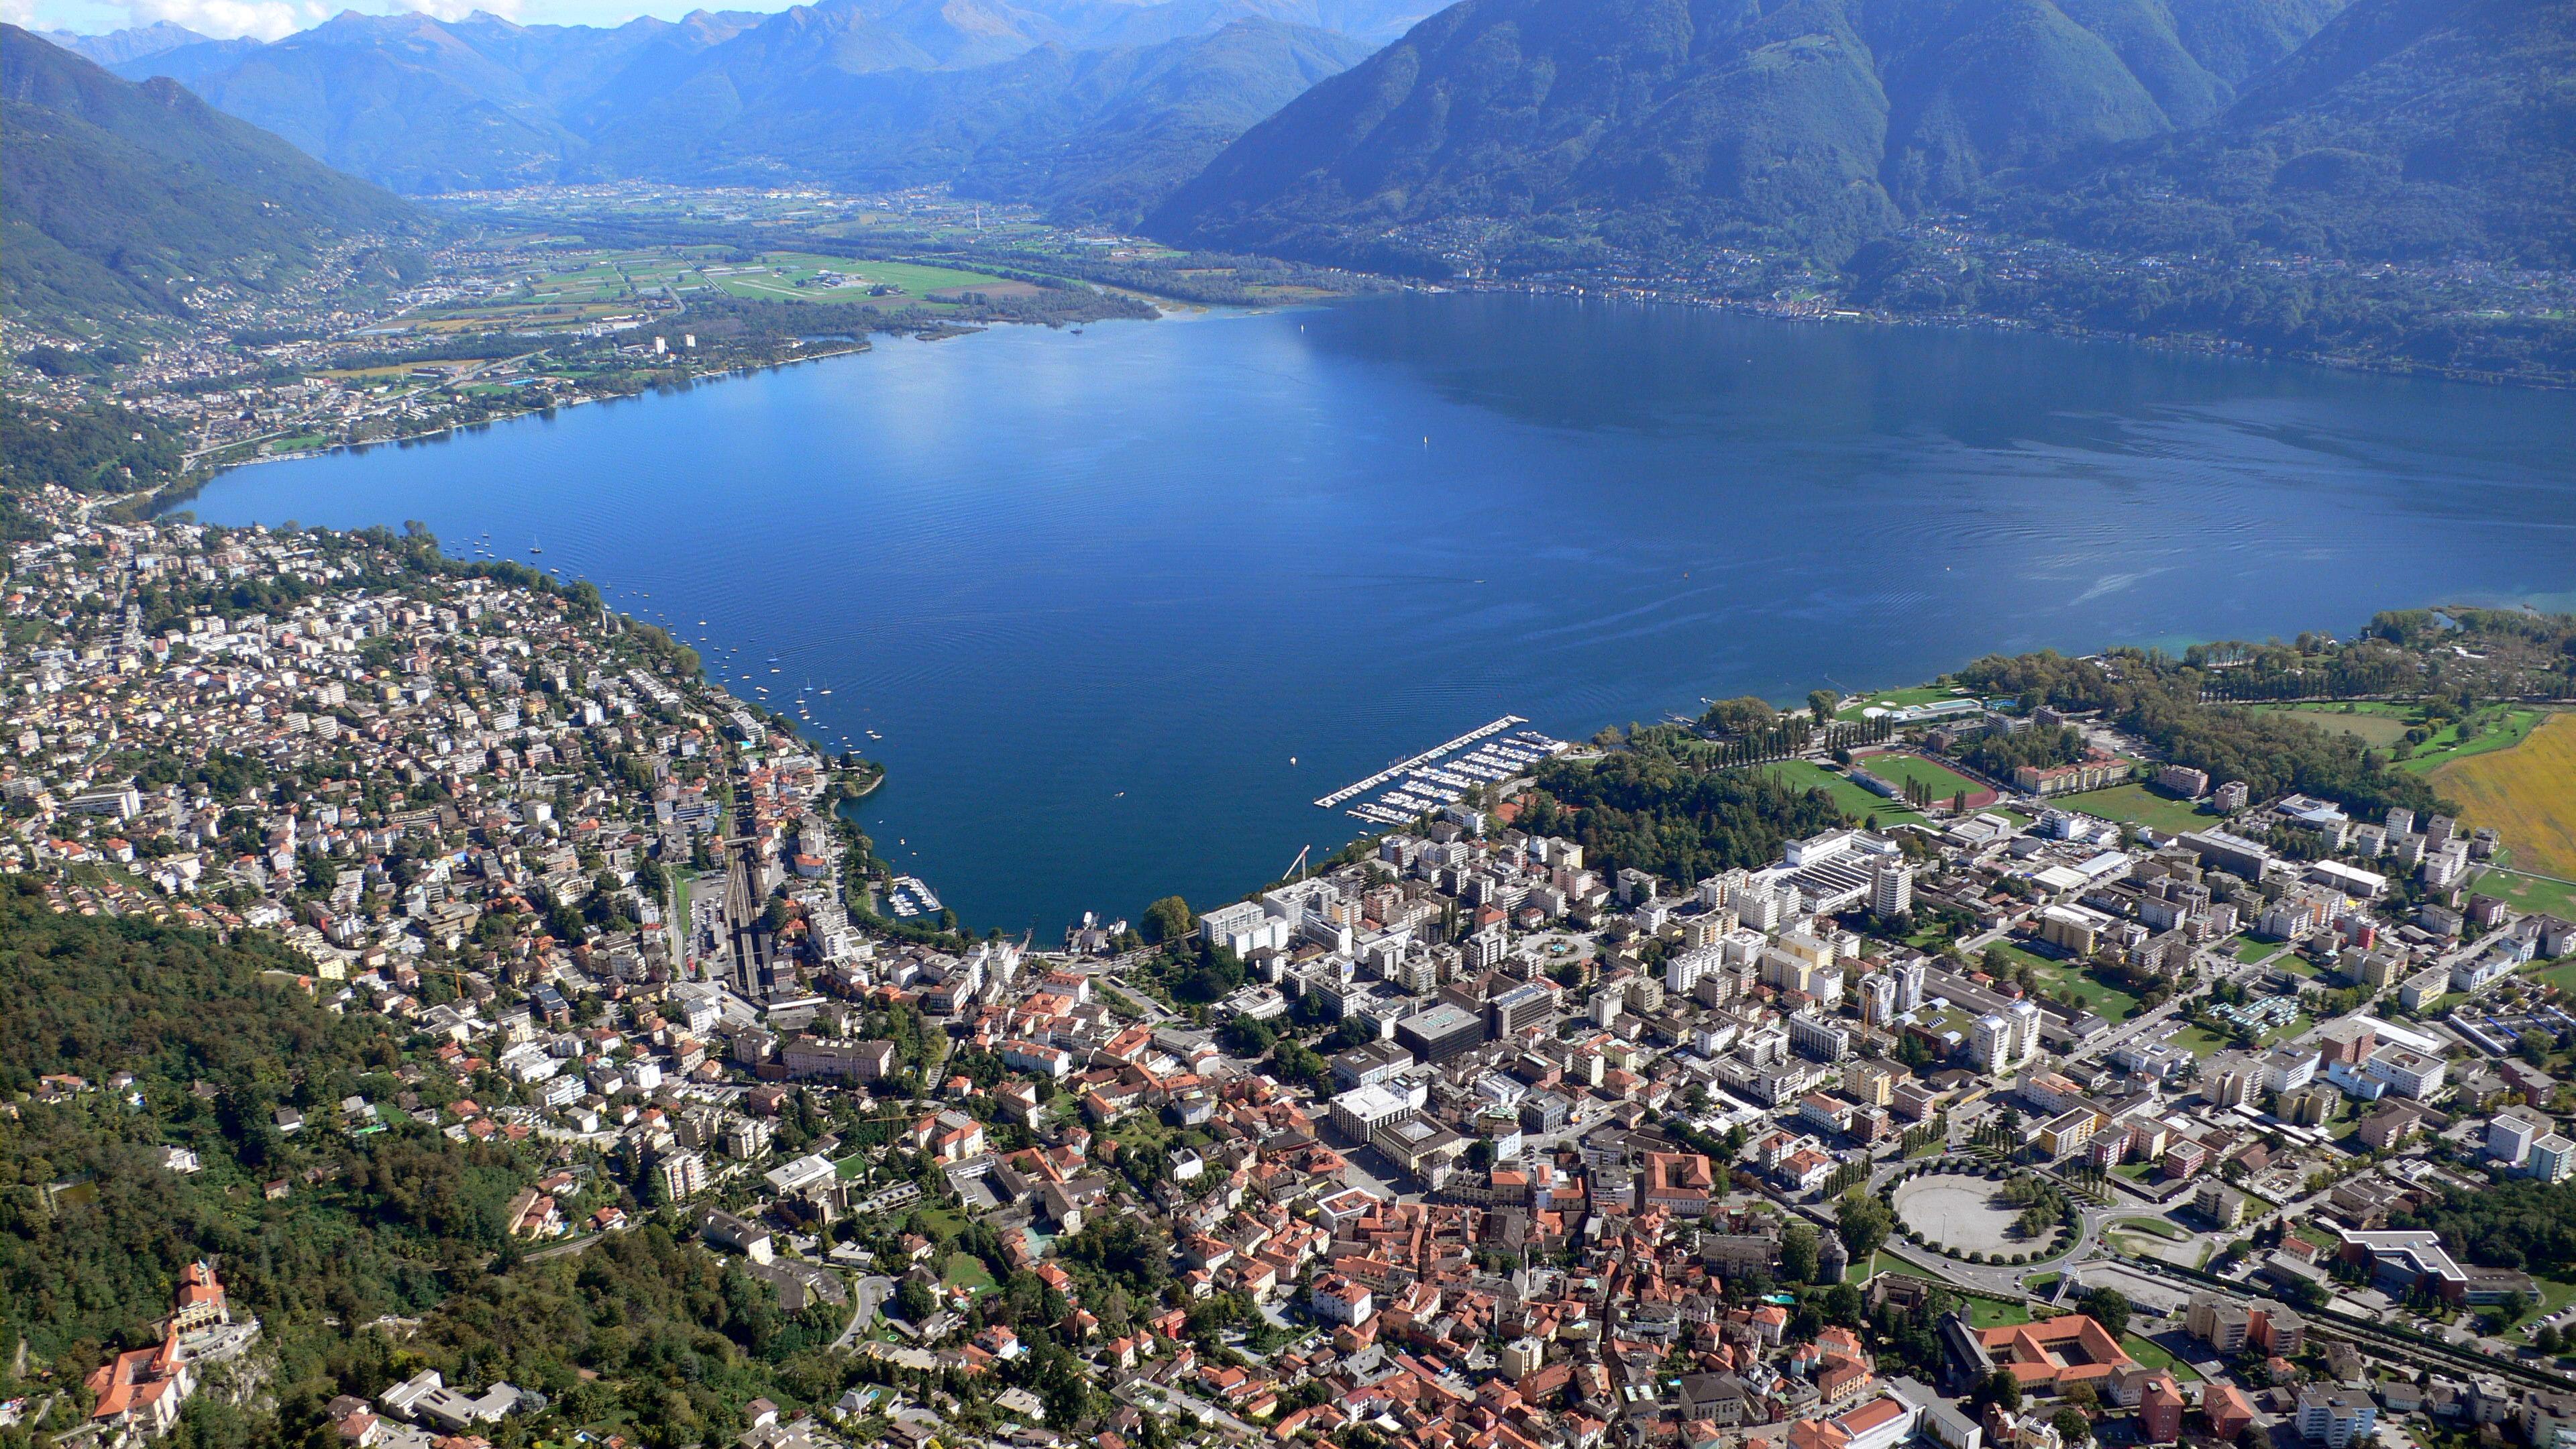 Cartina Geografica Del Lago Maggiore.Lago Maggiore Wikipedia